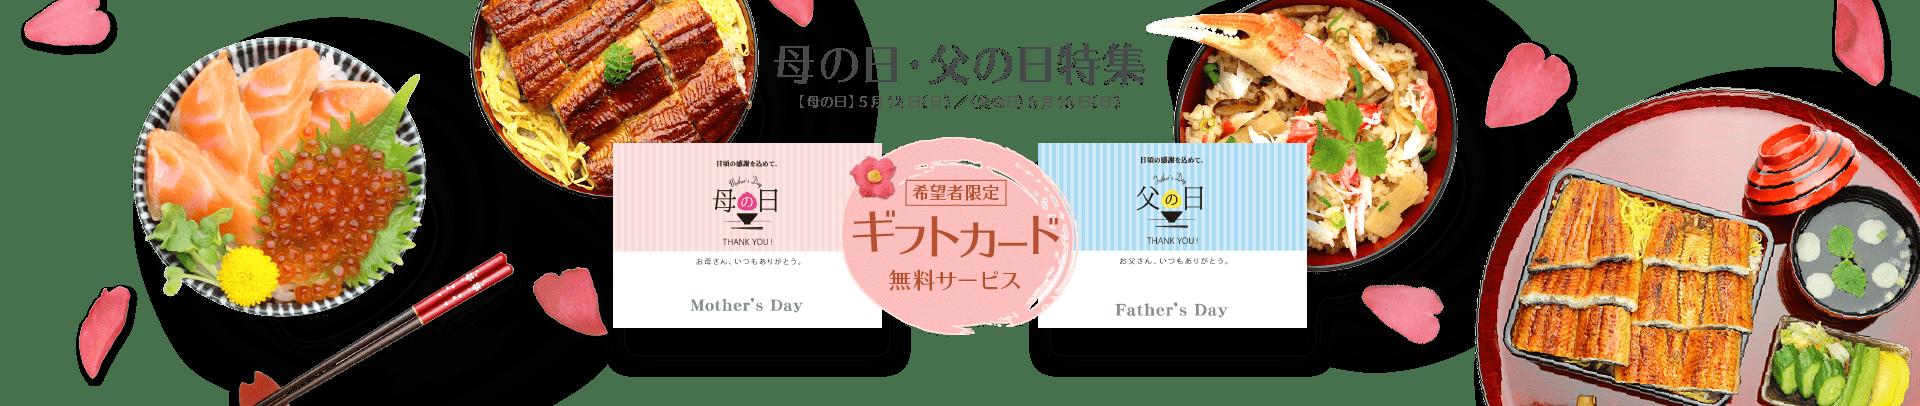 母の日父の日特集2019